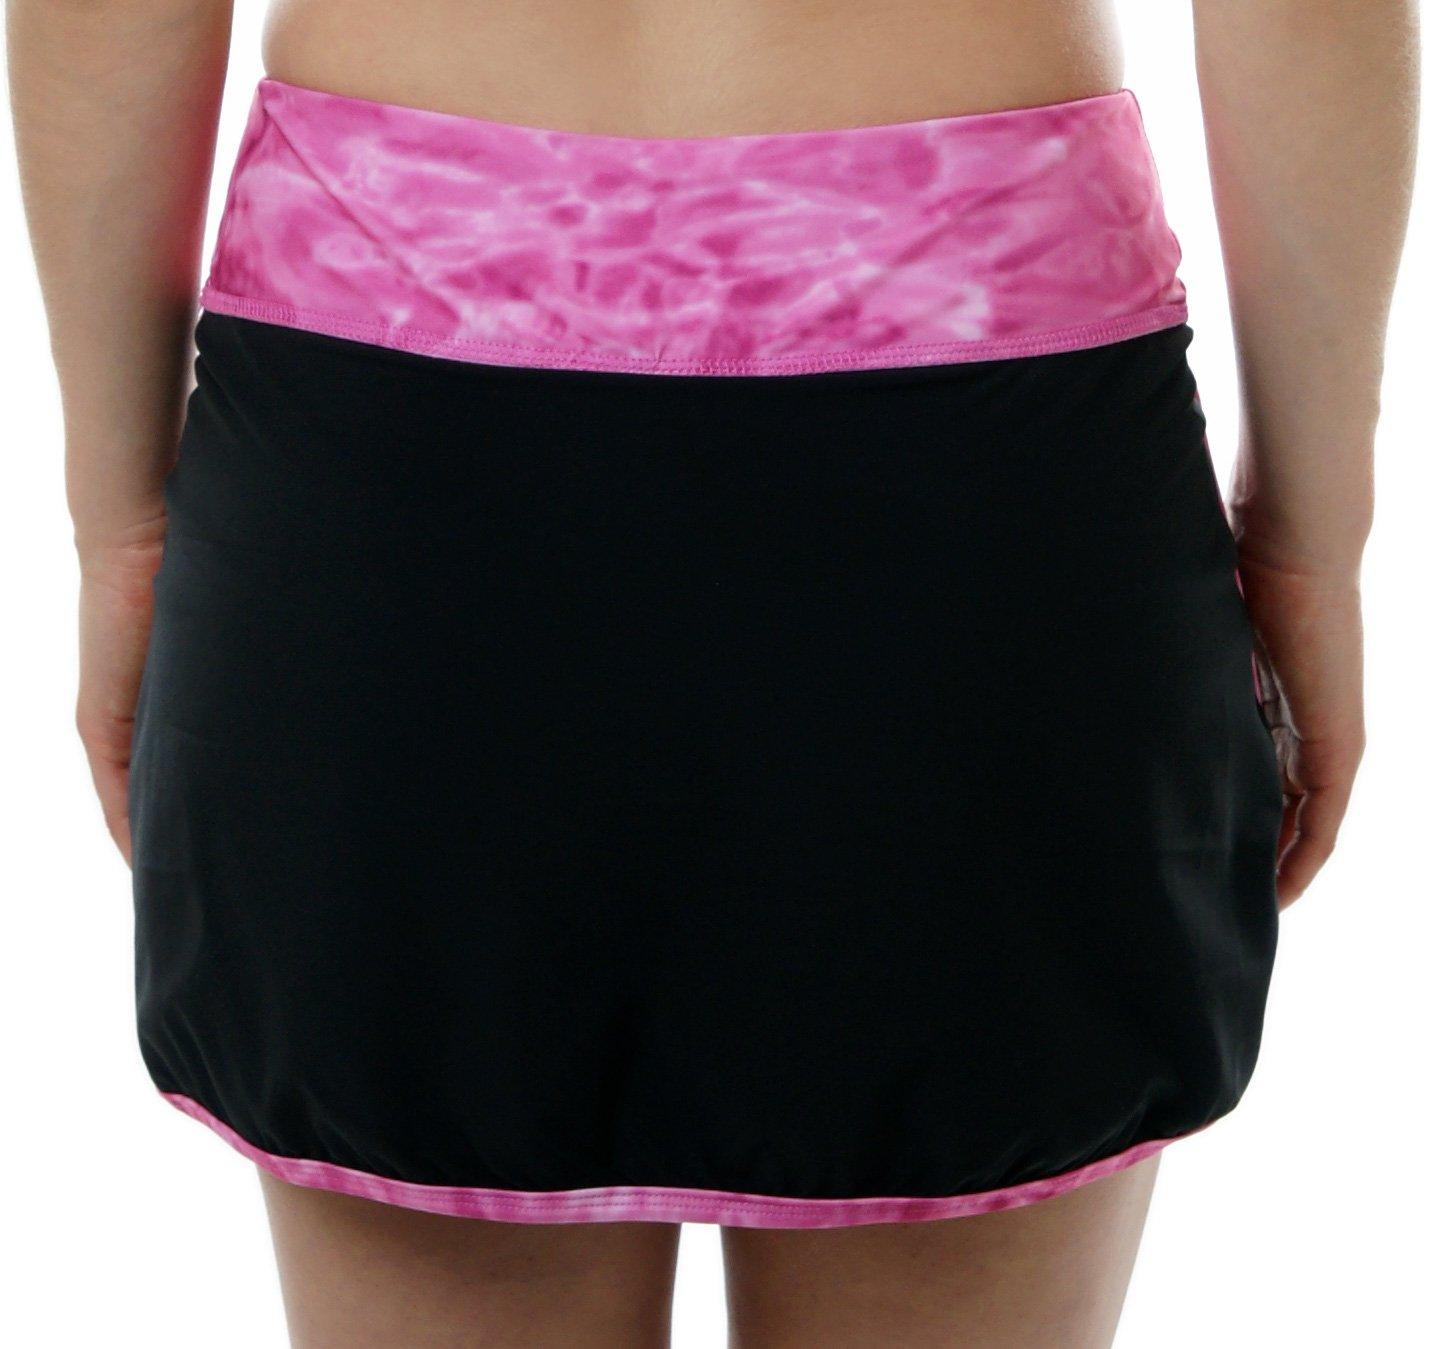 Aqua Design Women's Tennis Running Swim Sports Ladies Athletic Skort